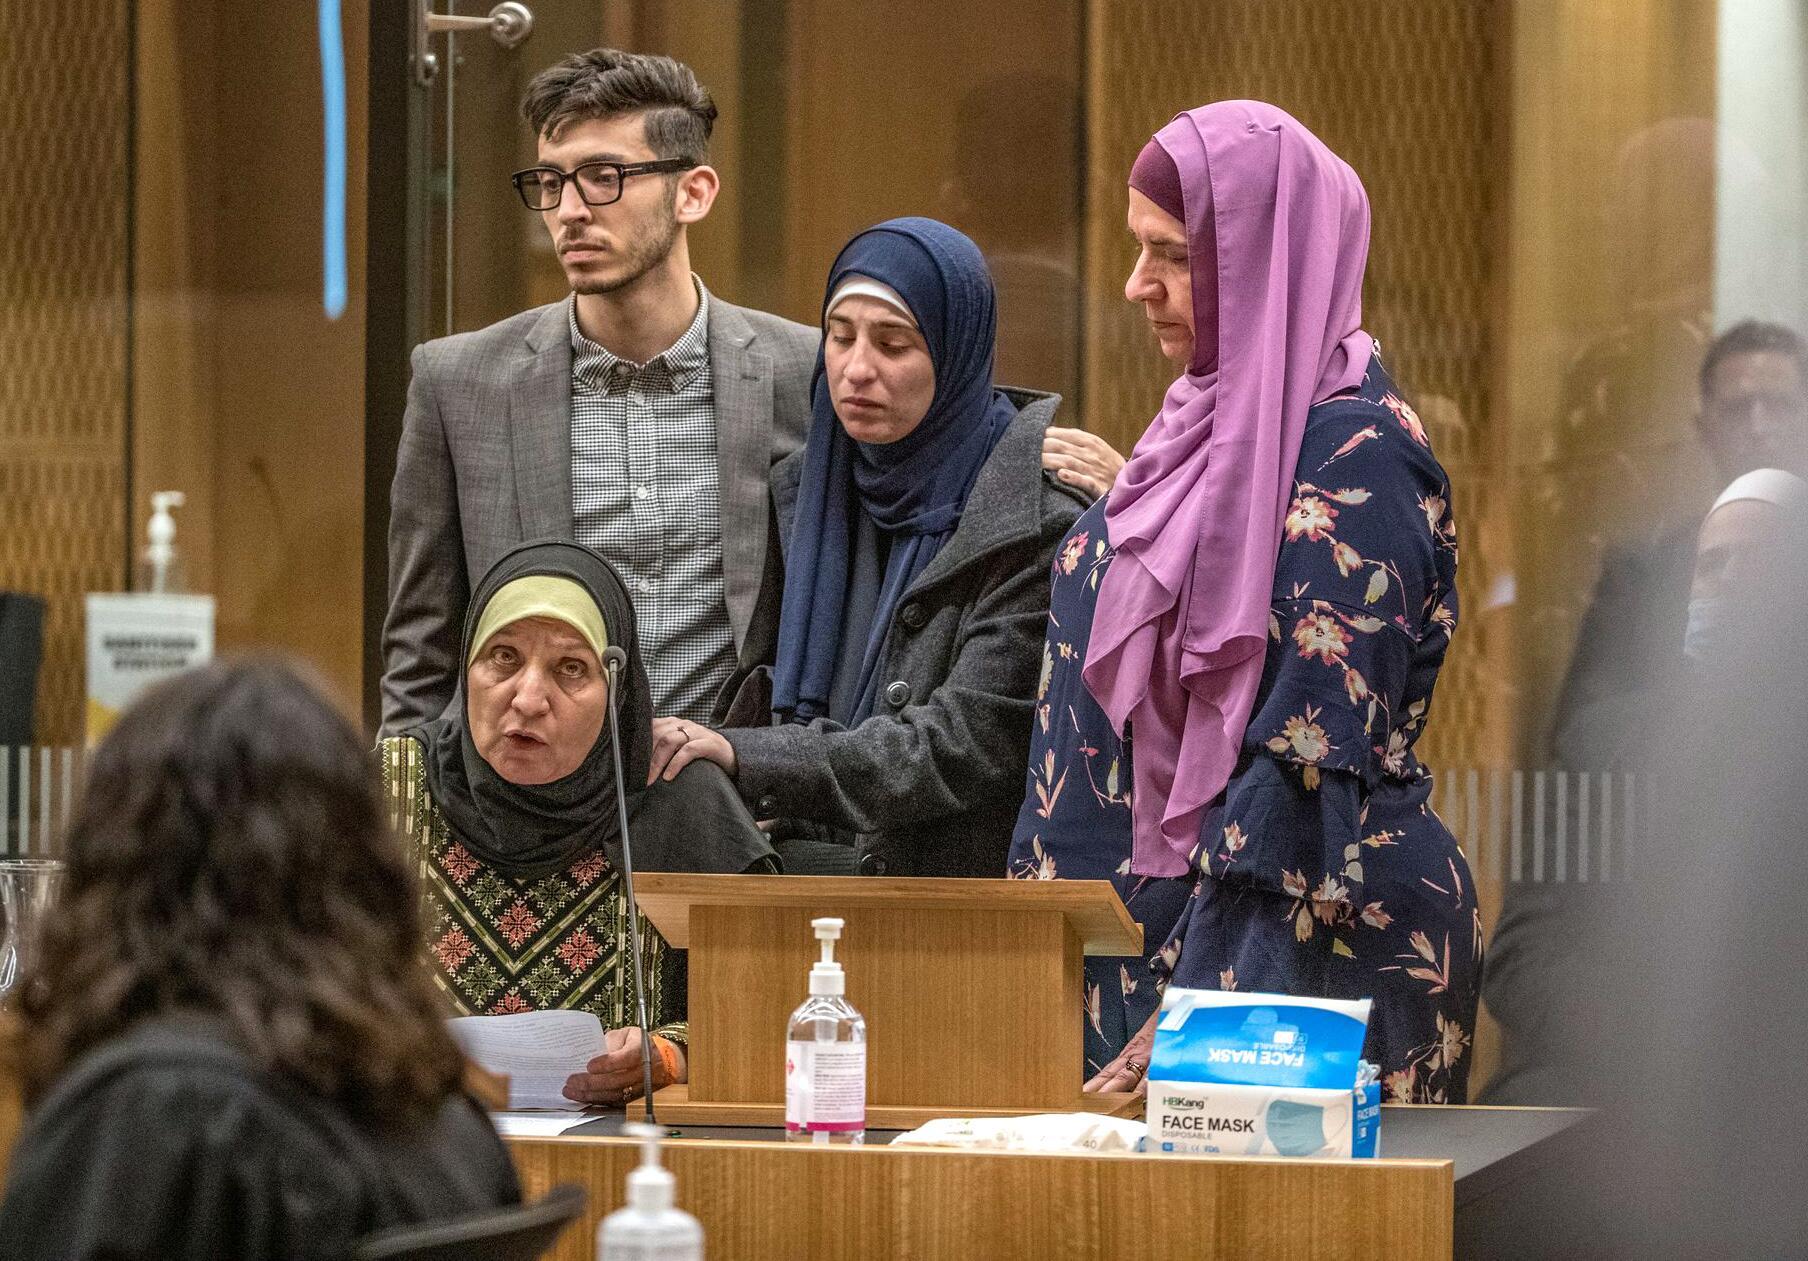 Bild zu Christchurch-Attentäter vor dem Urteil